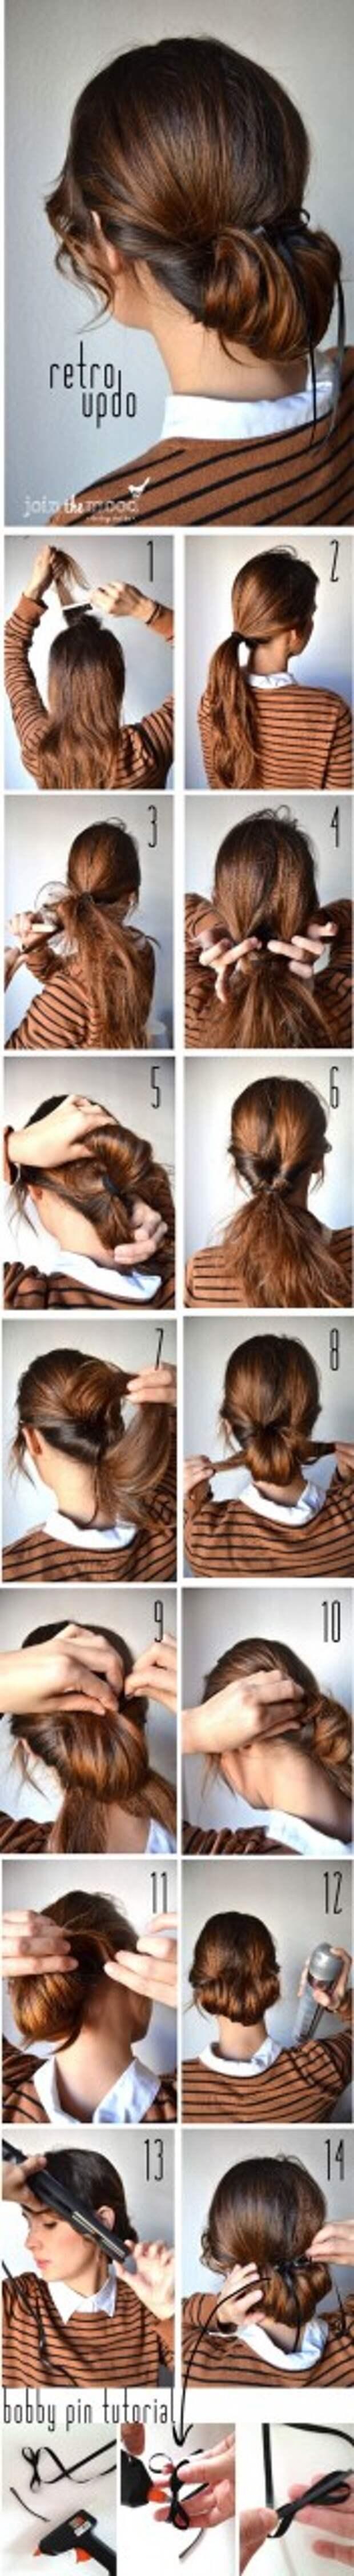 Причёски для длинных волос